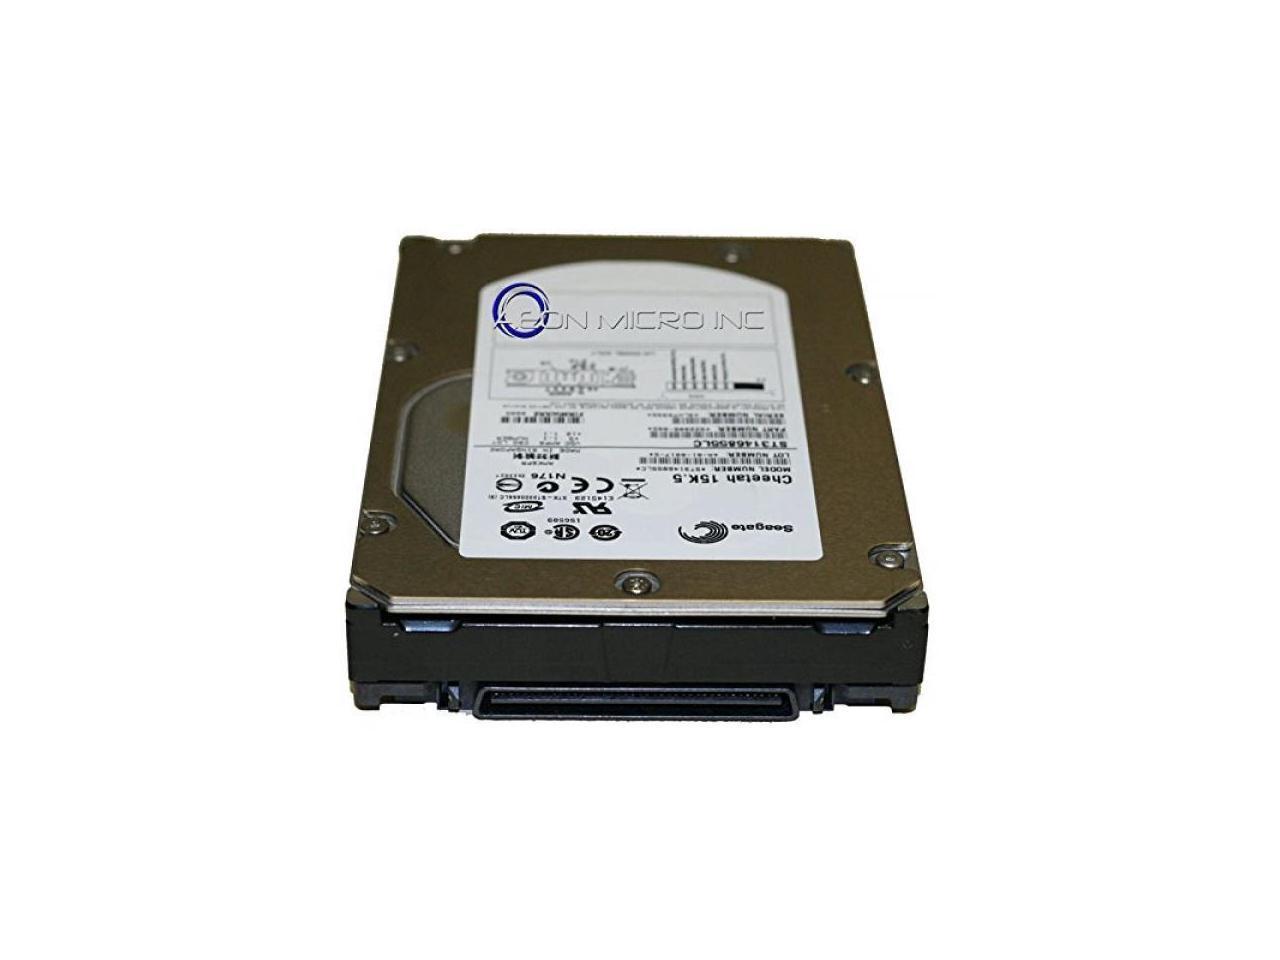 Renewed New Seagate ST3146855LC 146GB SCSI U320 15K Rpm Rotational Speed 80pin 16MB Hard Drive